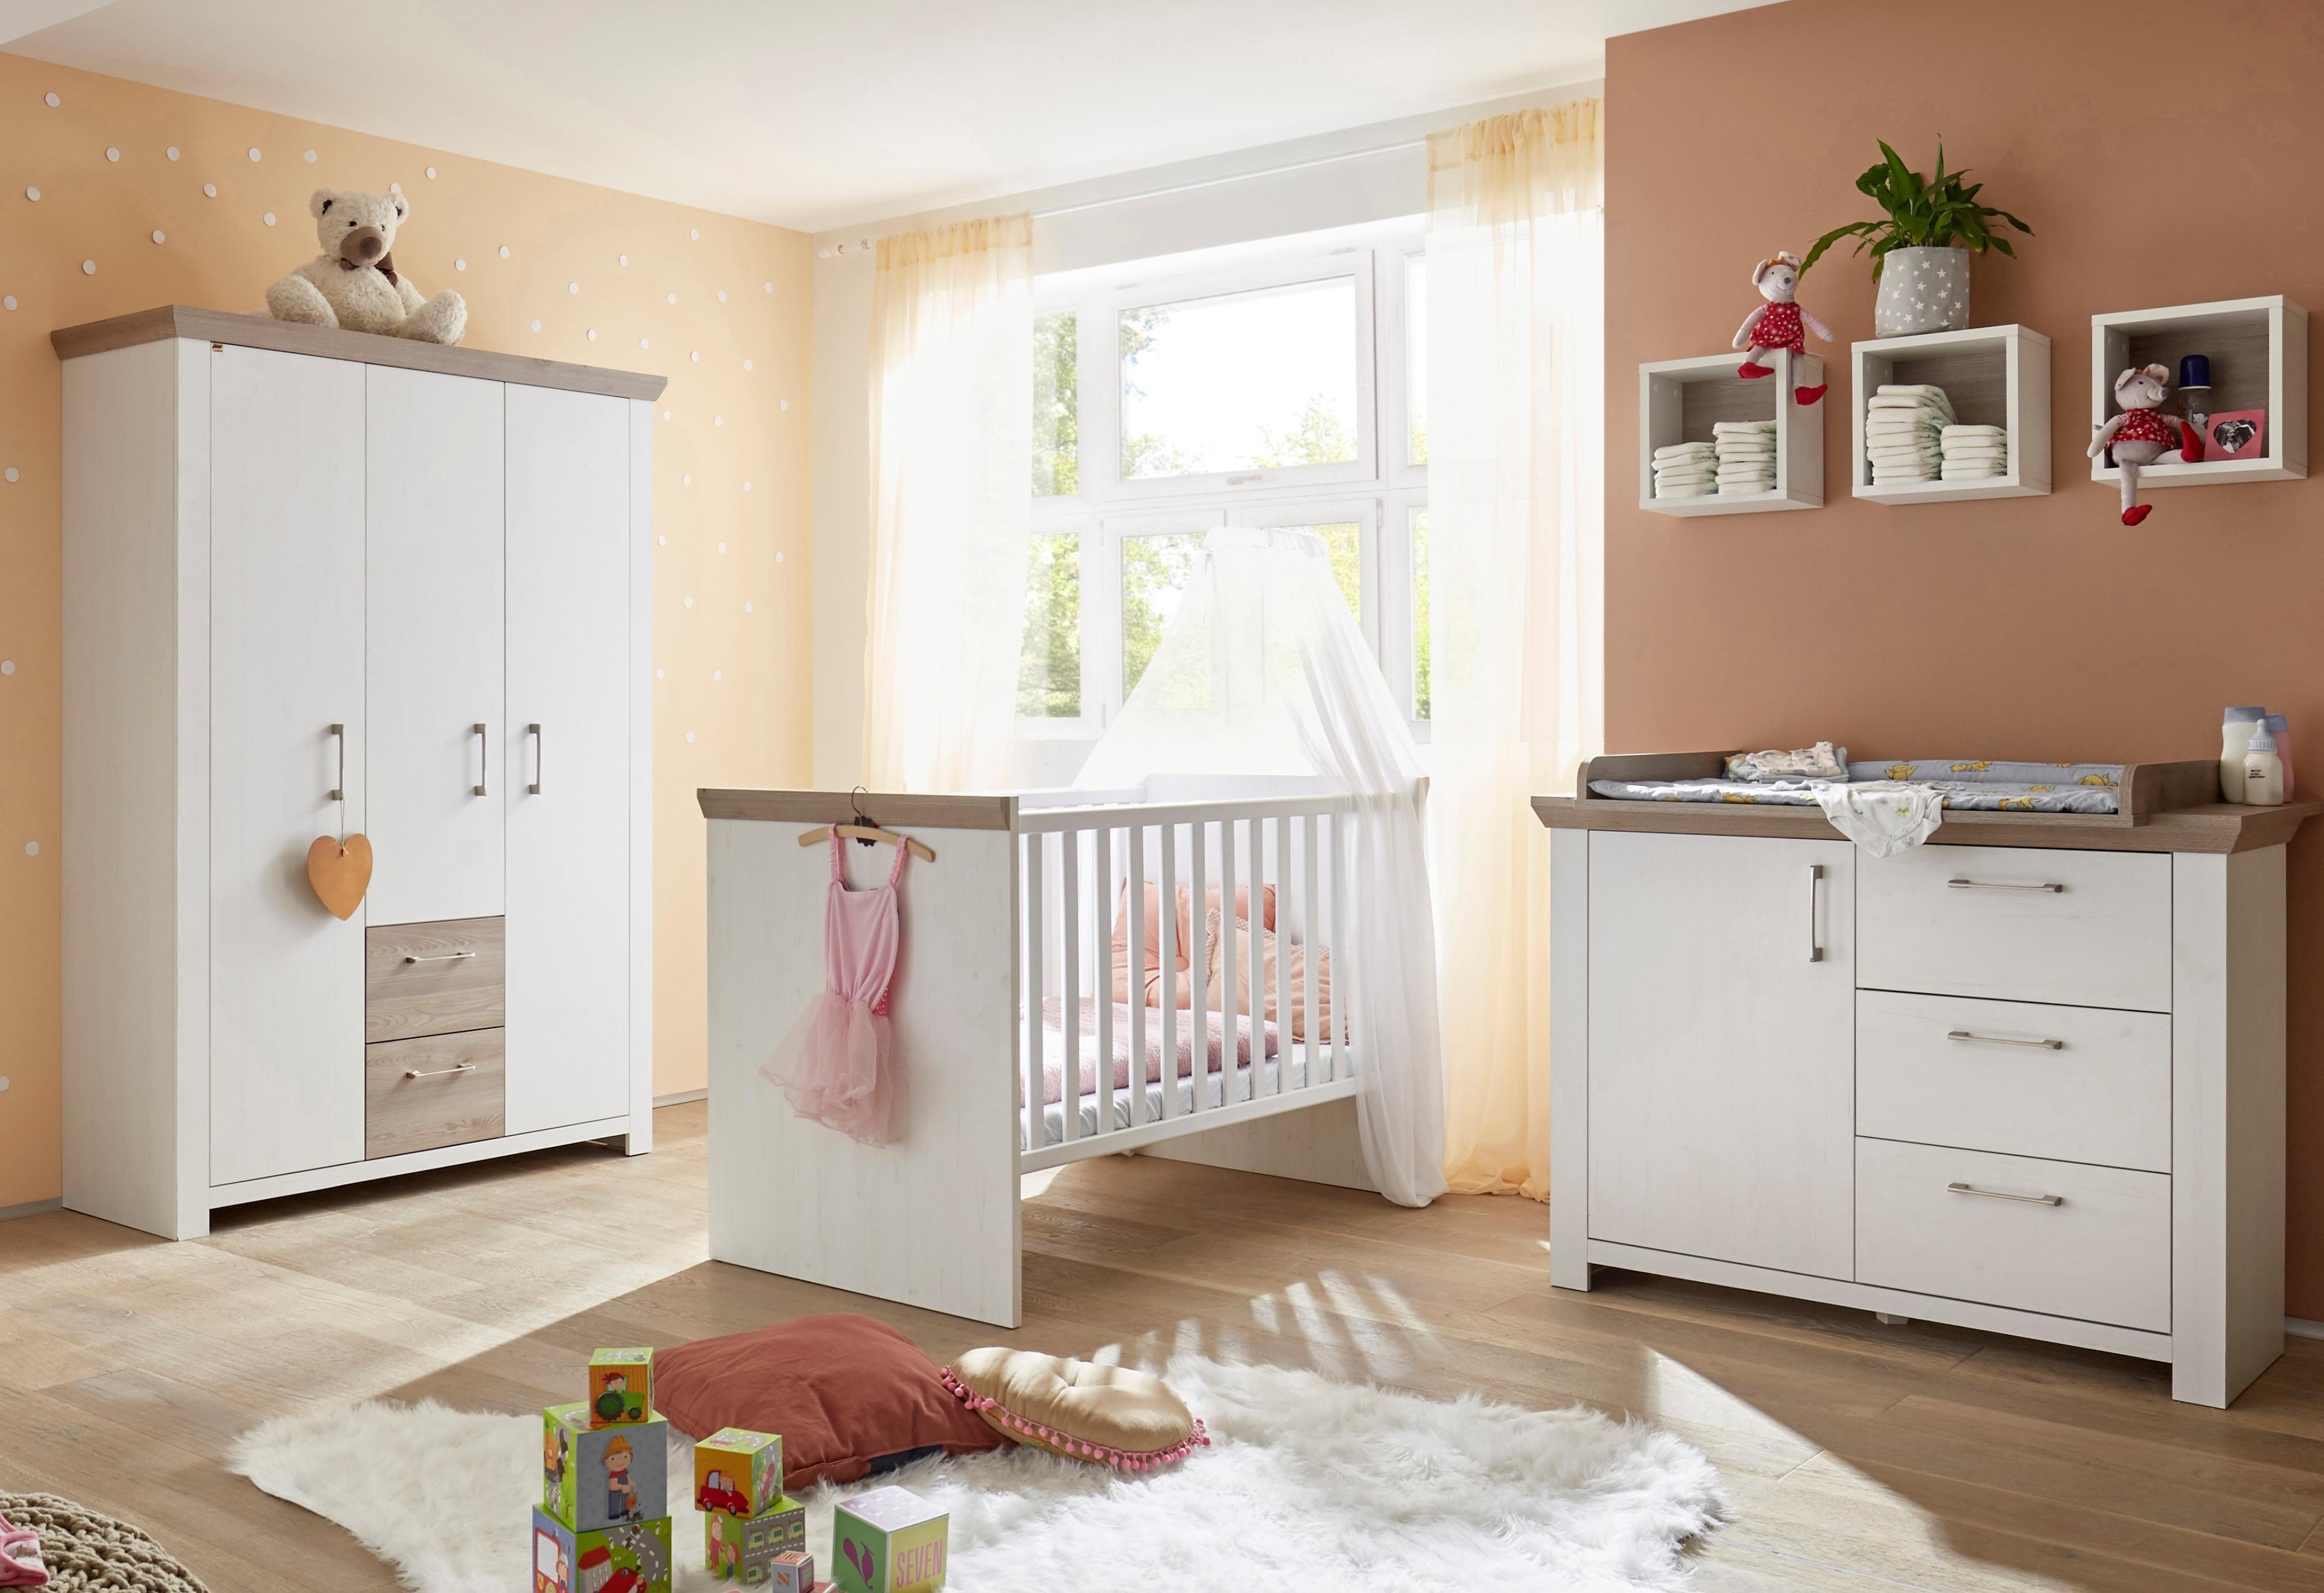 Complete Babykamer 3 Delig.Complete Babykamer Stralsund Ledikant Commode Kledingkast 3